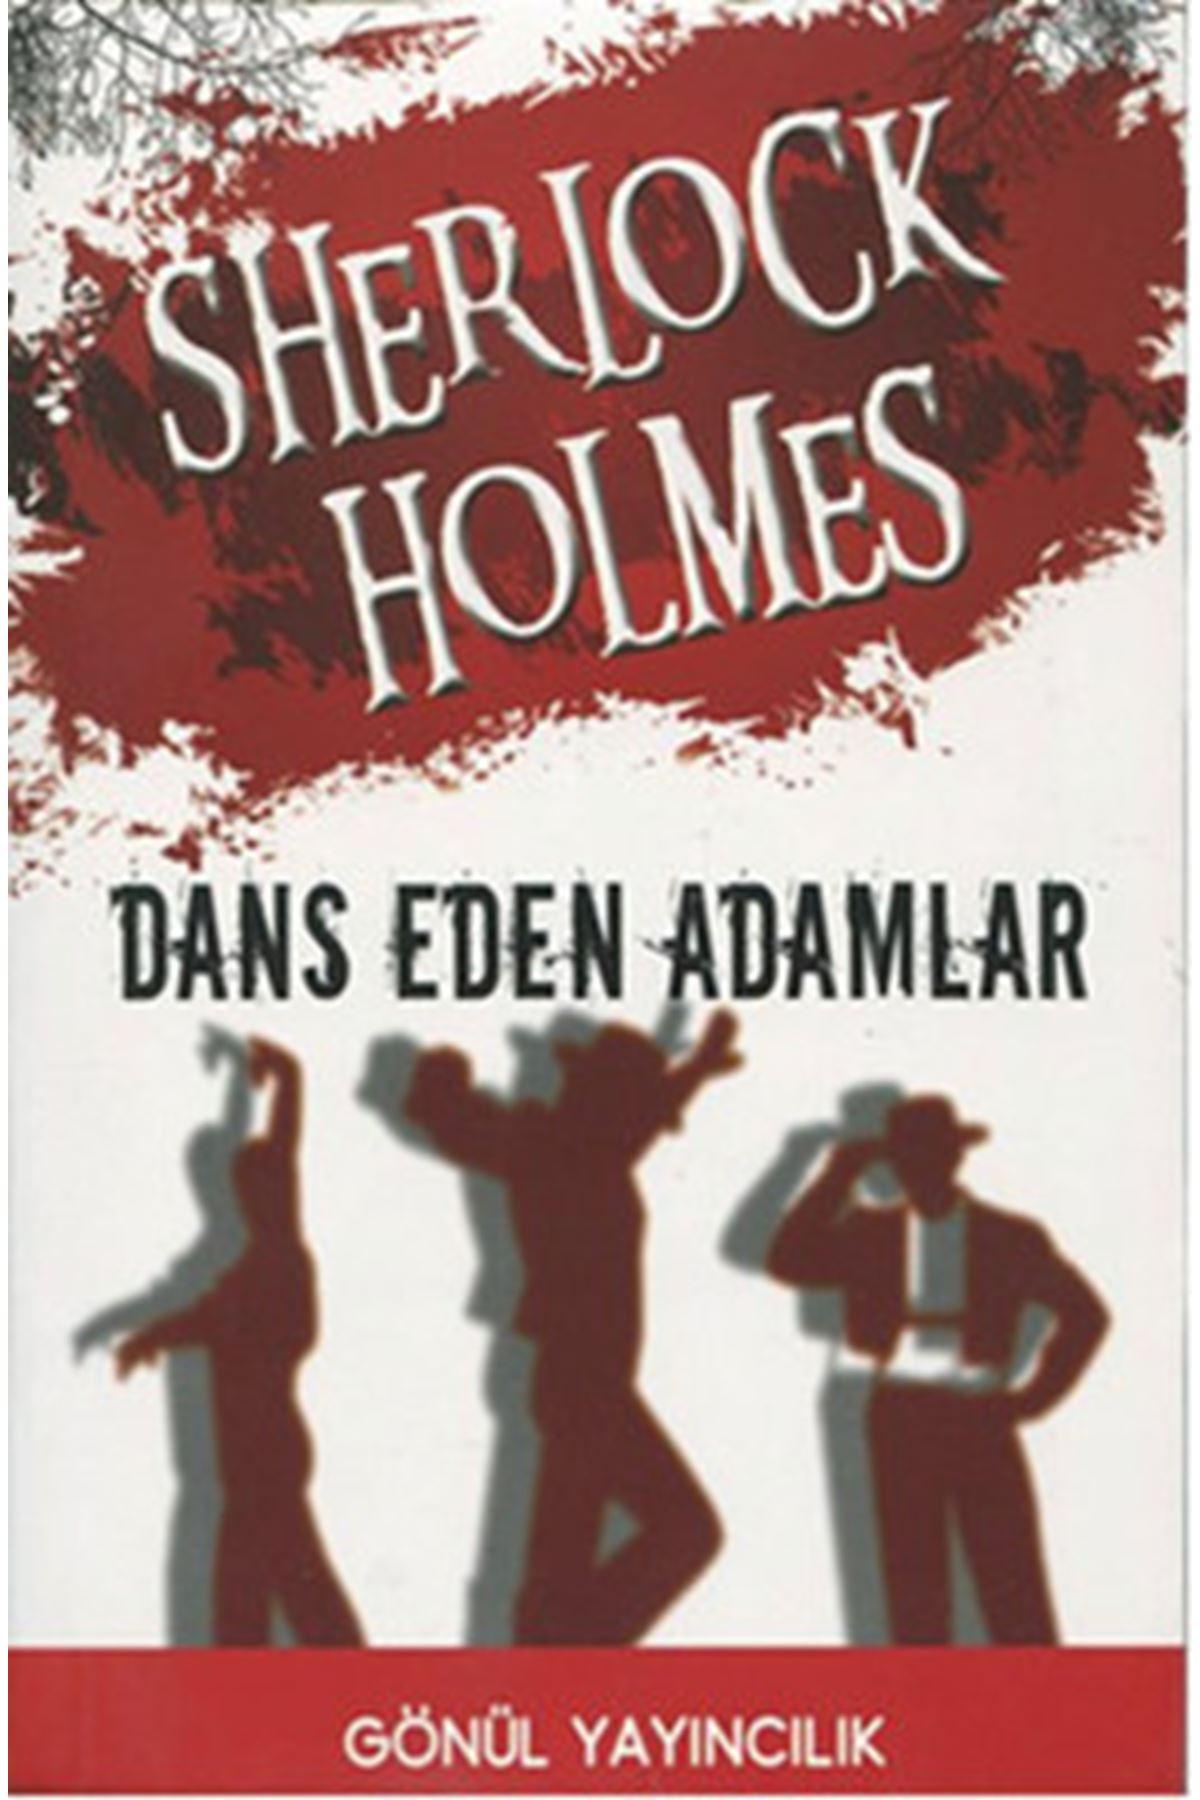 ARTHUR CONAN DOYLE - SHERLOCK HOLMES DANS EDEN ADAMLAR